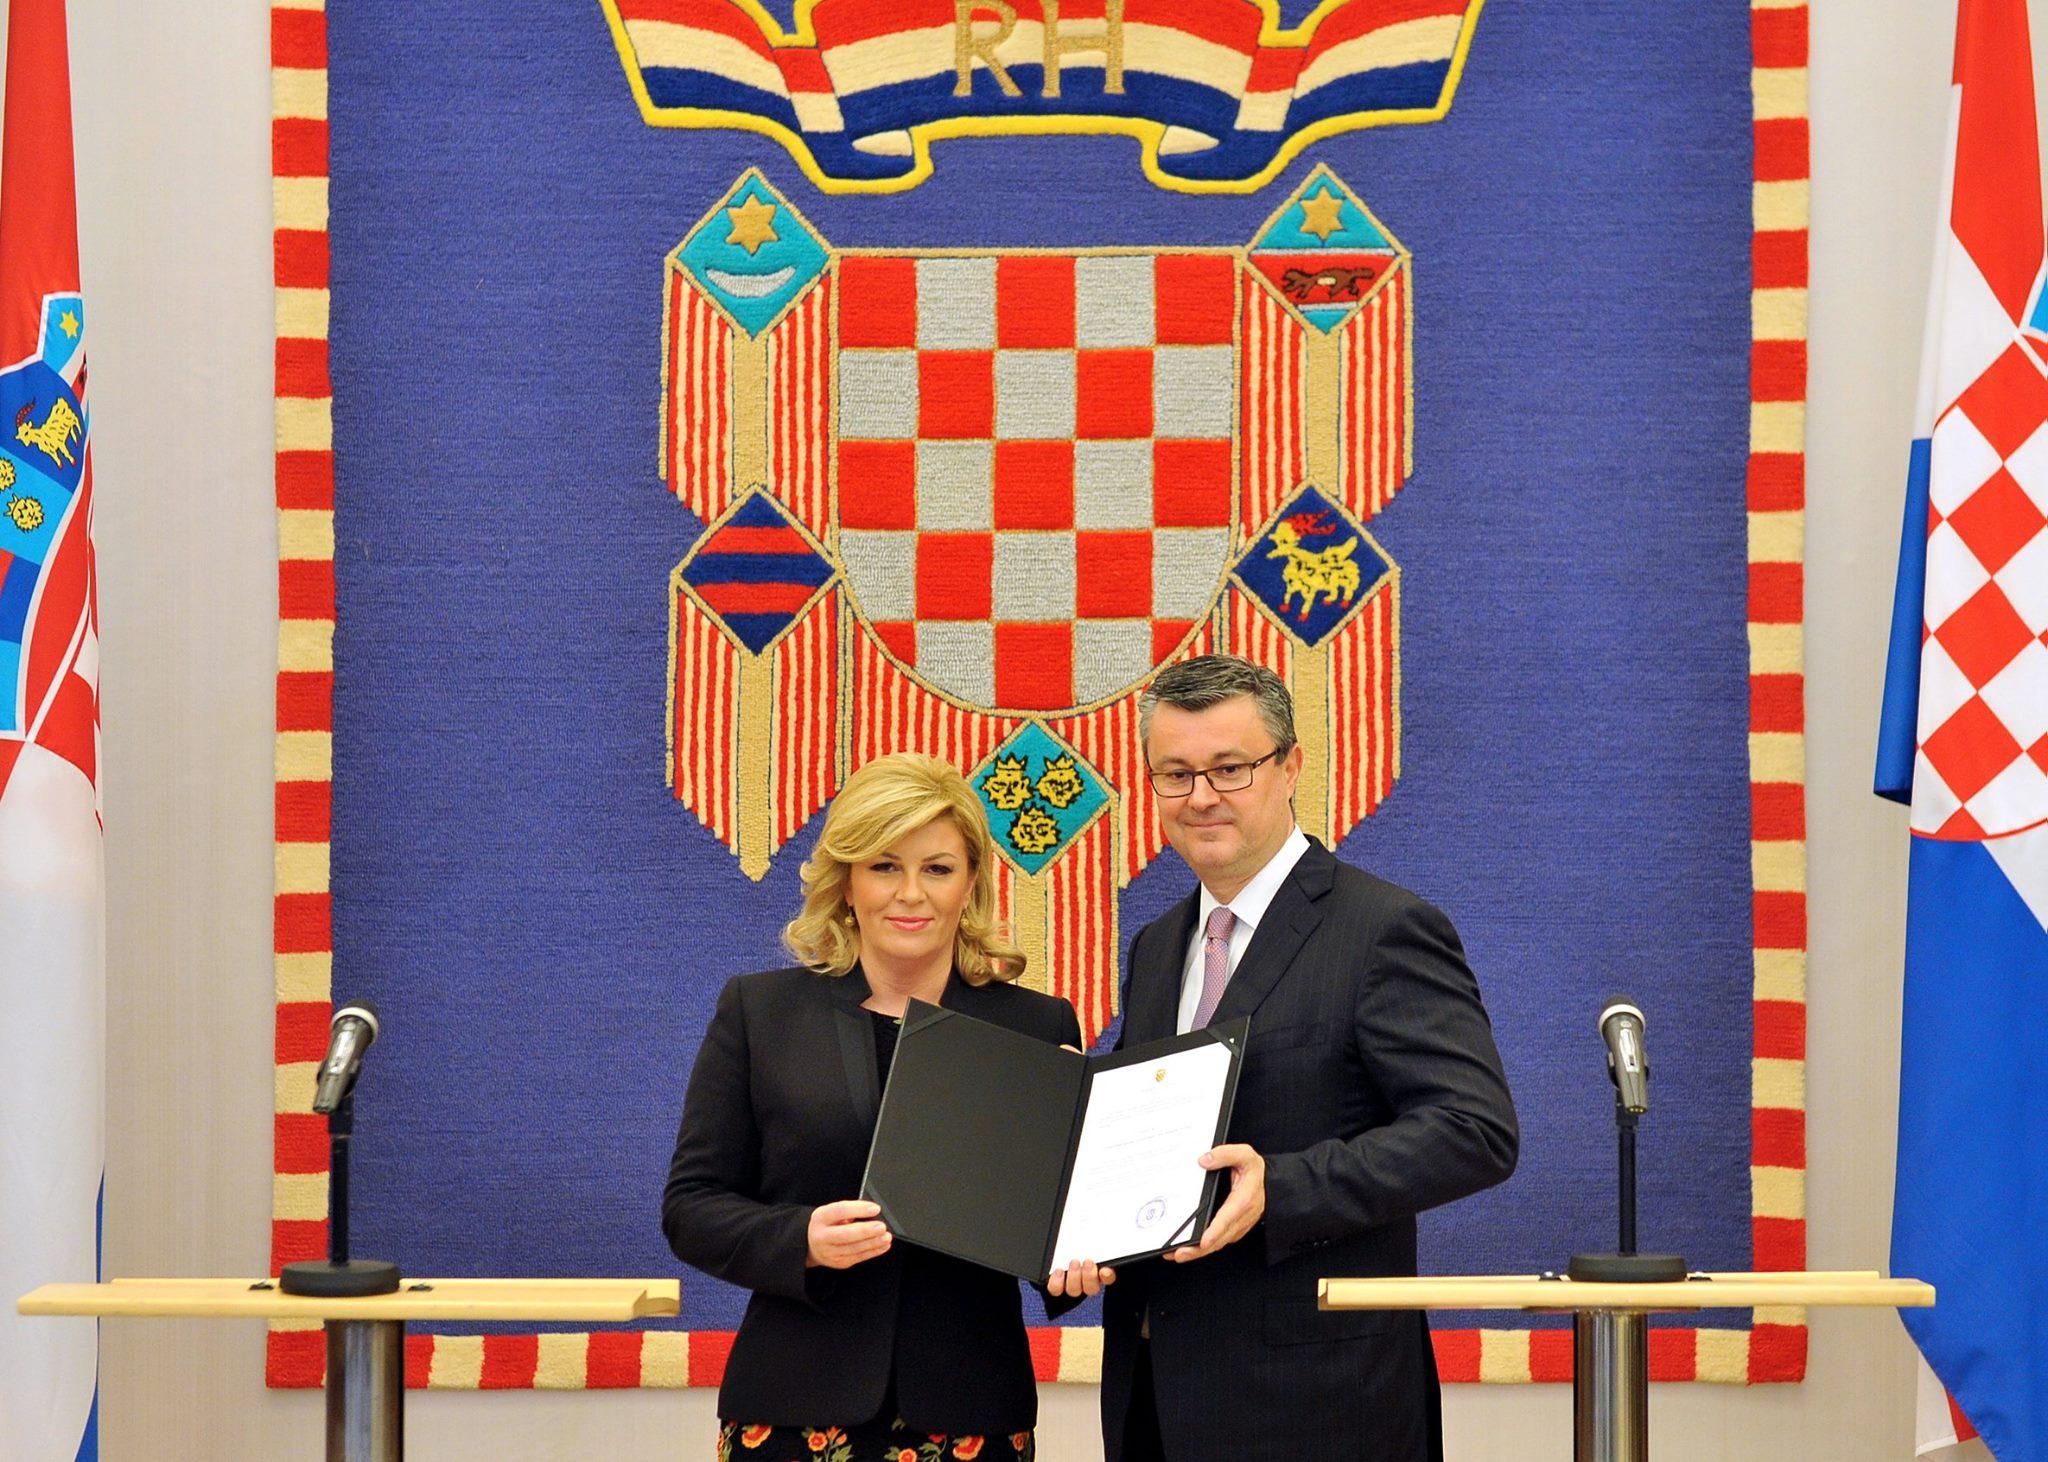 """Kolinda Grabar-Kiatrovic und Tihomir Oreskovic in Zagreb bei der offiziellen Verkündung über die Zusammenstellung der neuen Regierung. Die """"Domoljubna"""" Koalition um HDZ und MOST haben mit insgesamt 78 Sitzen geeinigt. (Foto: Ured Predsjednice HR)"""